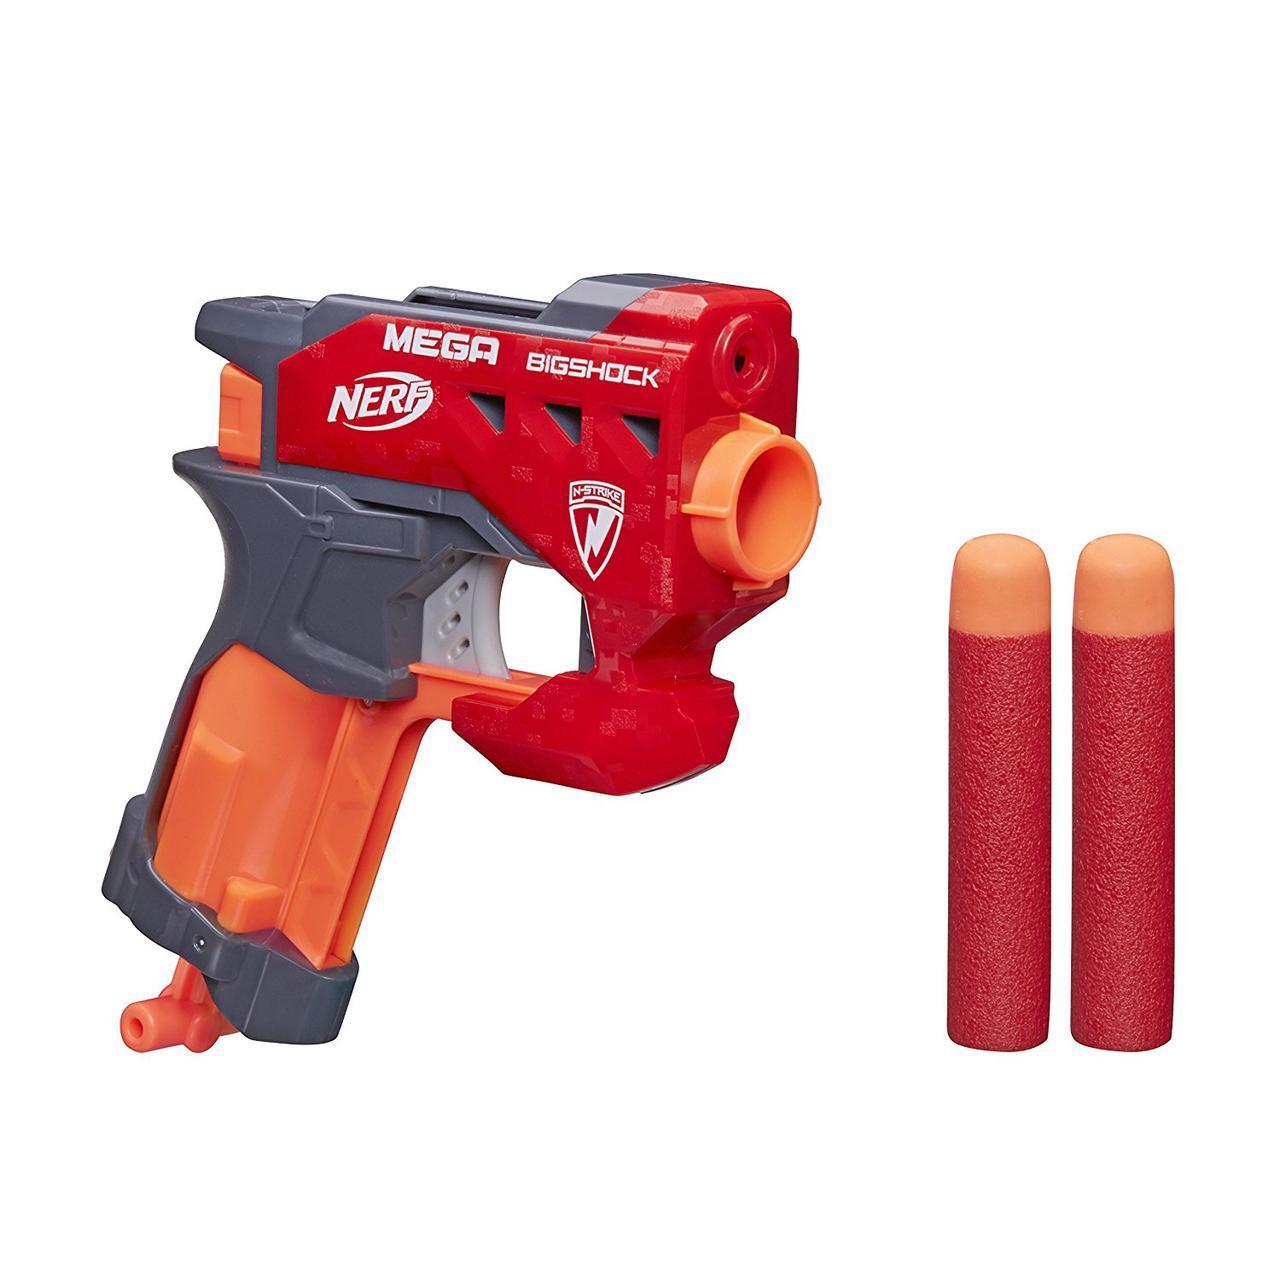 Пистолет Нерф Бигшок с большими стрелами- Bigshock, N-Strike Mega, Nerf, Hasbro, фото 1